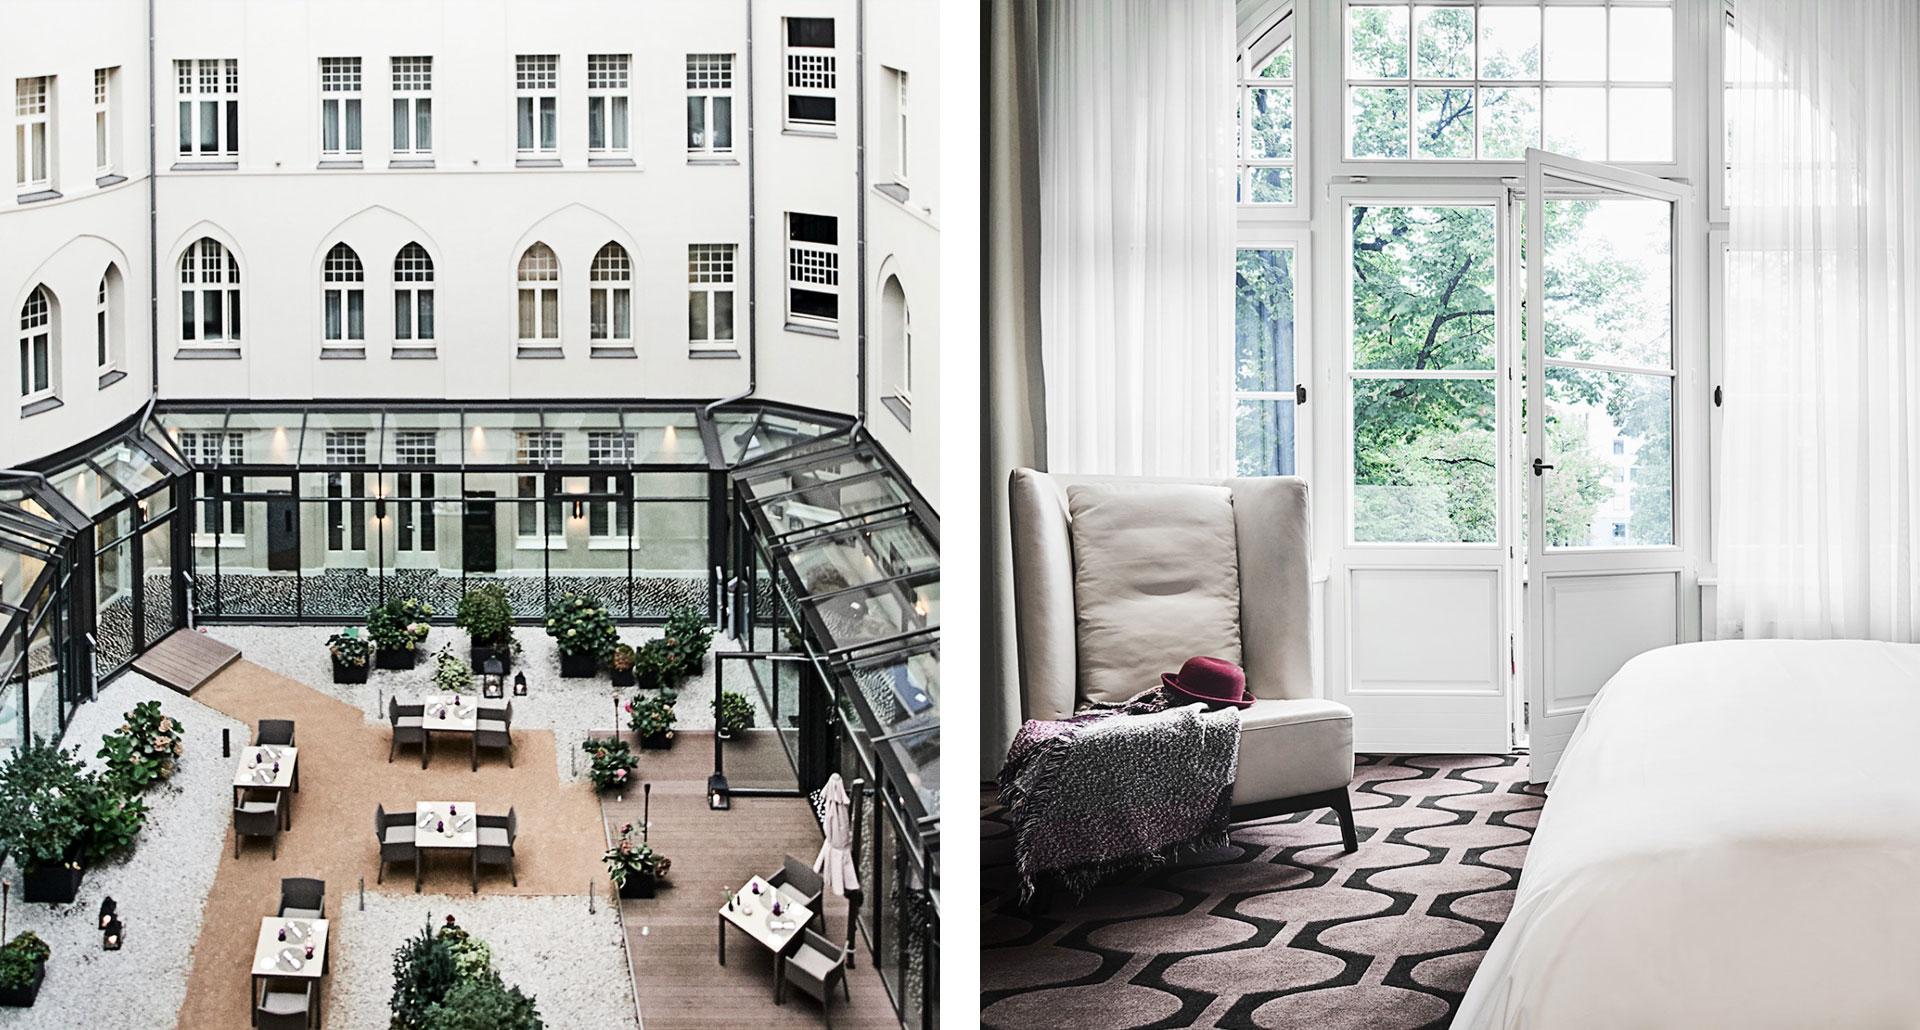 Hotel Am Steinplatz - boutique hotel in Berlino